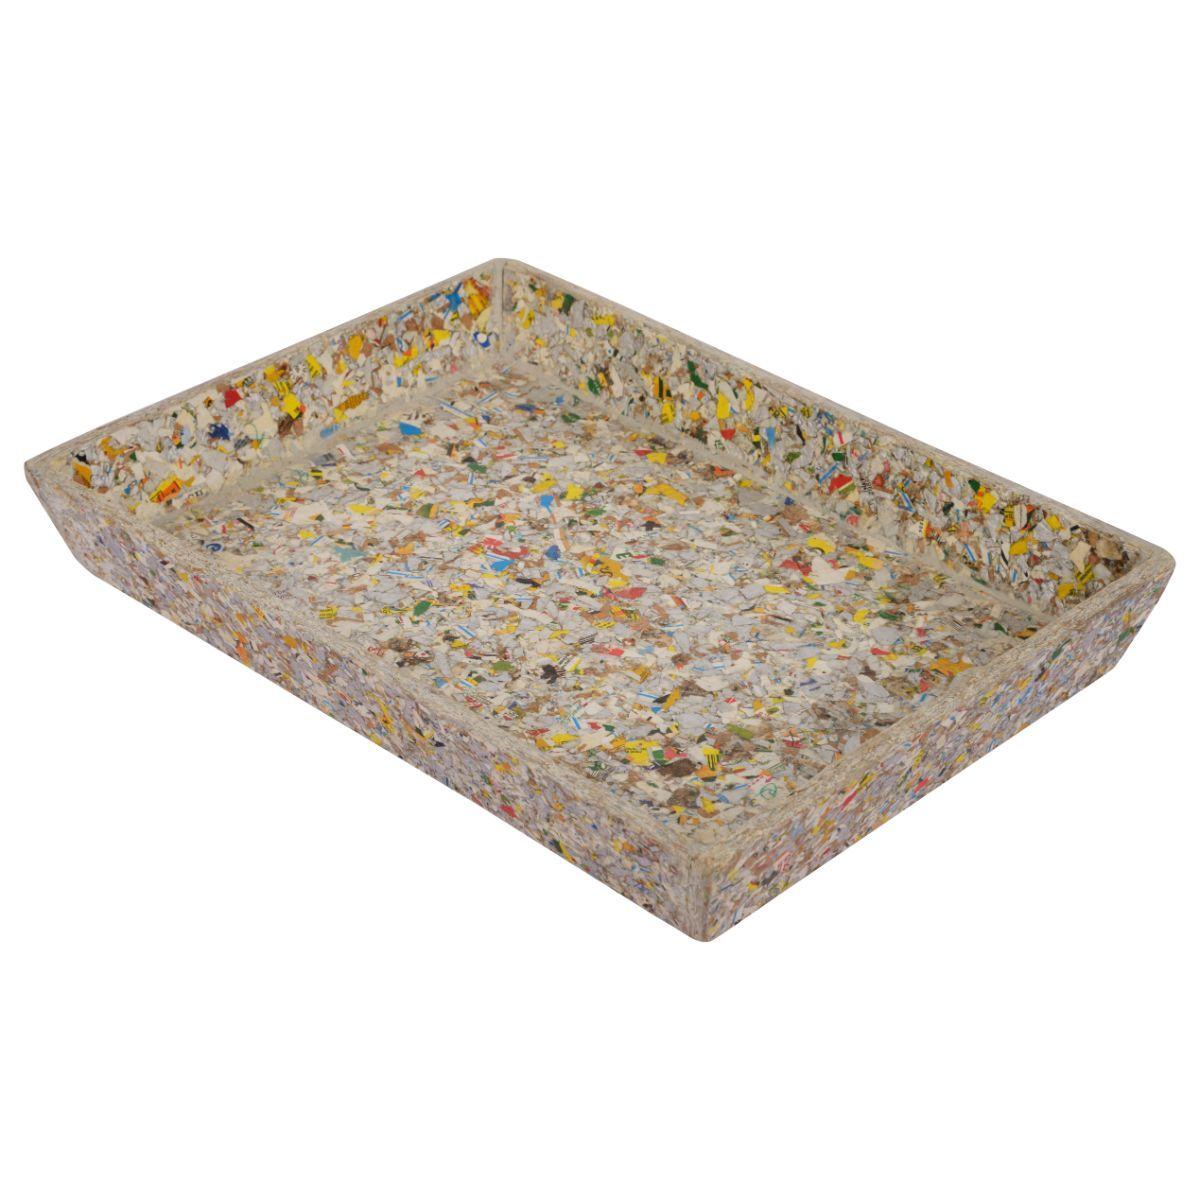 Recycled Tetra Pak Tray